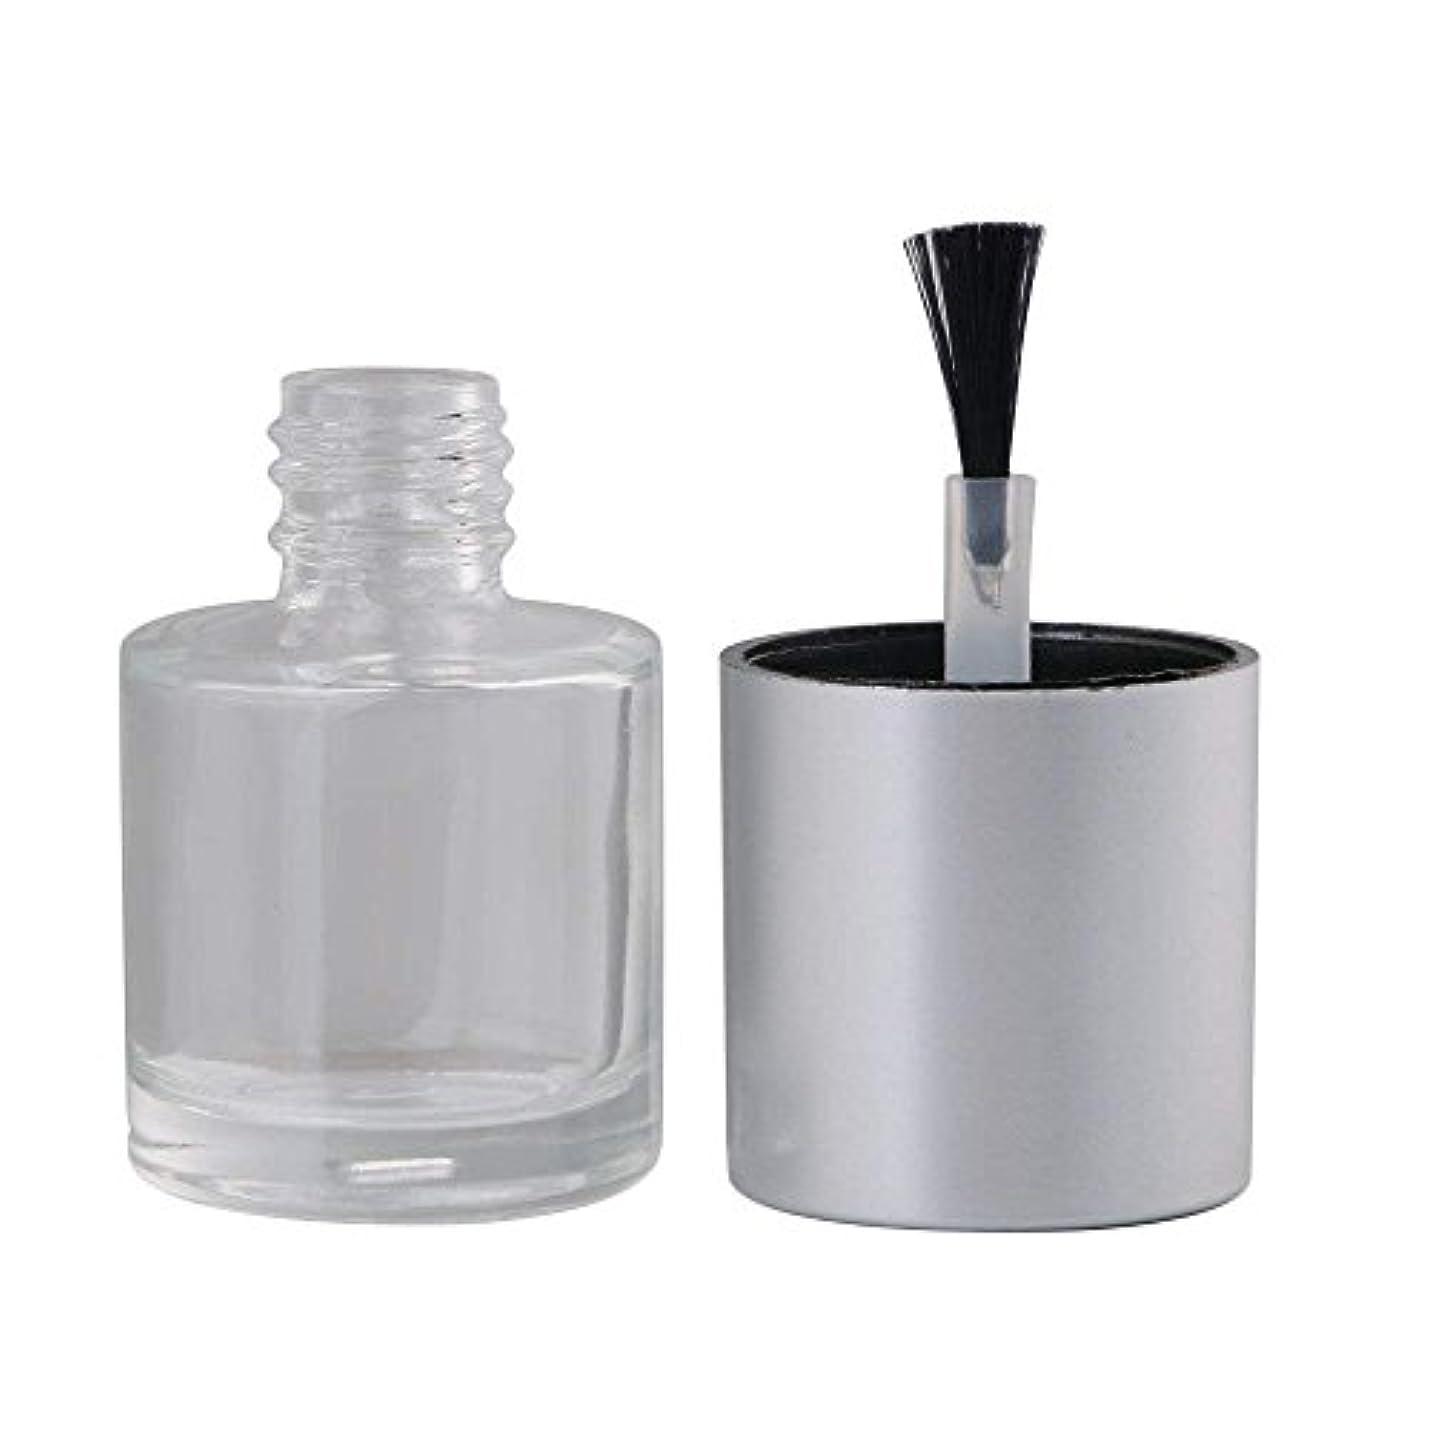 道を作る病な適合しましたDiystyle 10個入 マニキュアボトル 空ボトル 10ml 小分けボトル 詰め替え 化粧品収納 旅行用品 ガラス グレー